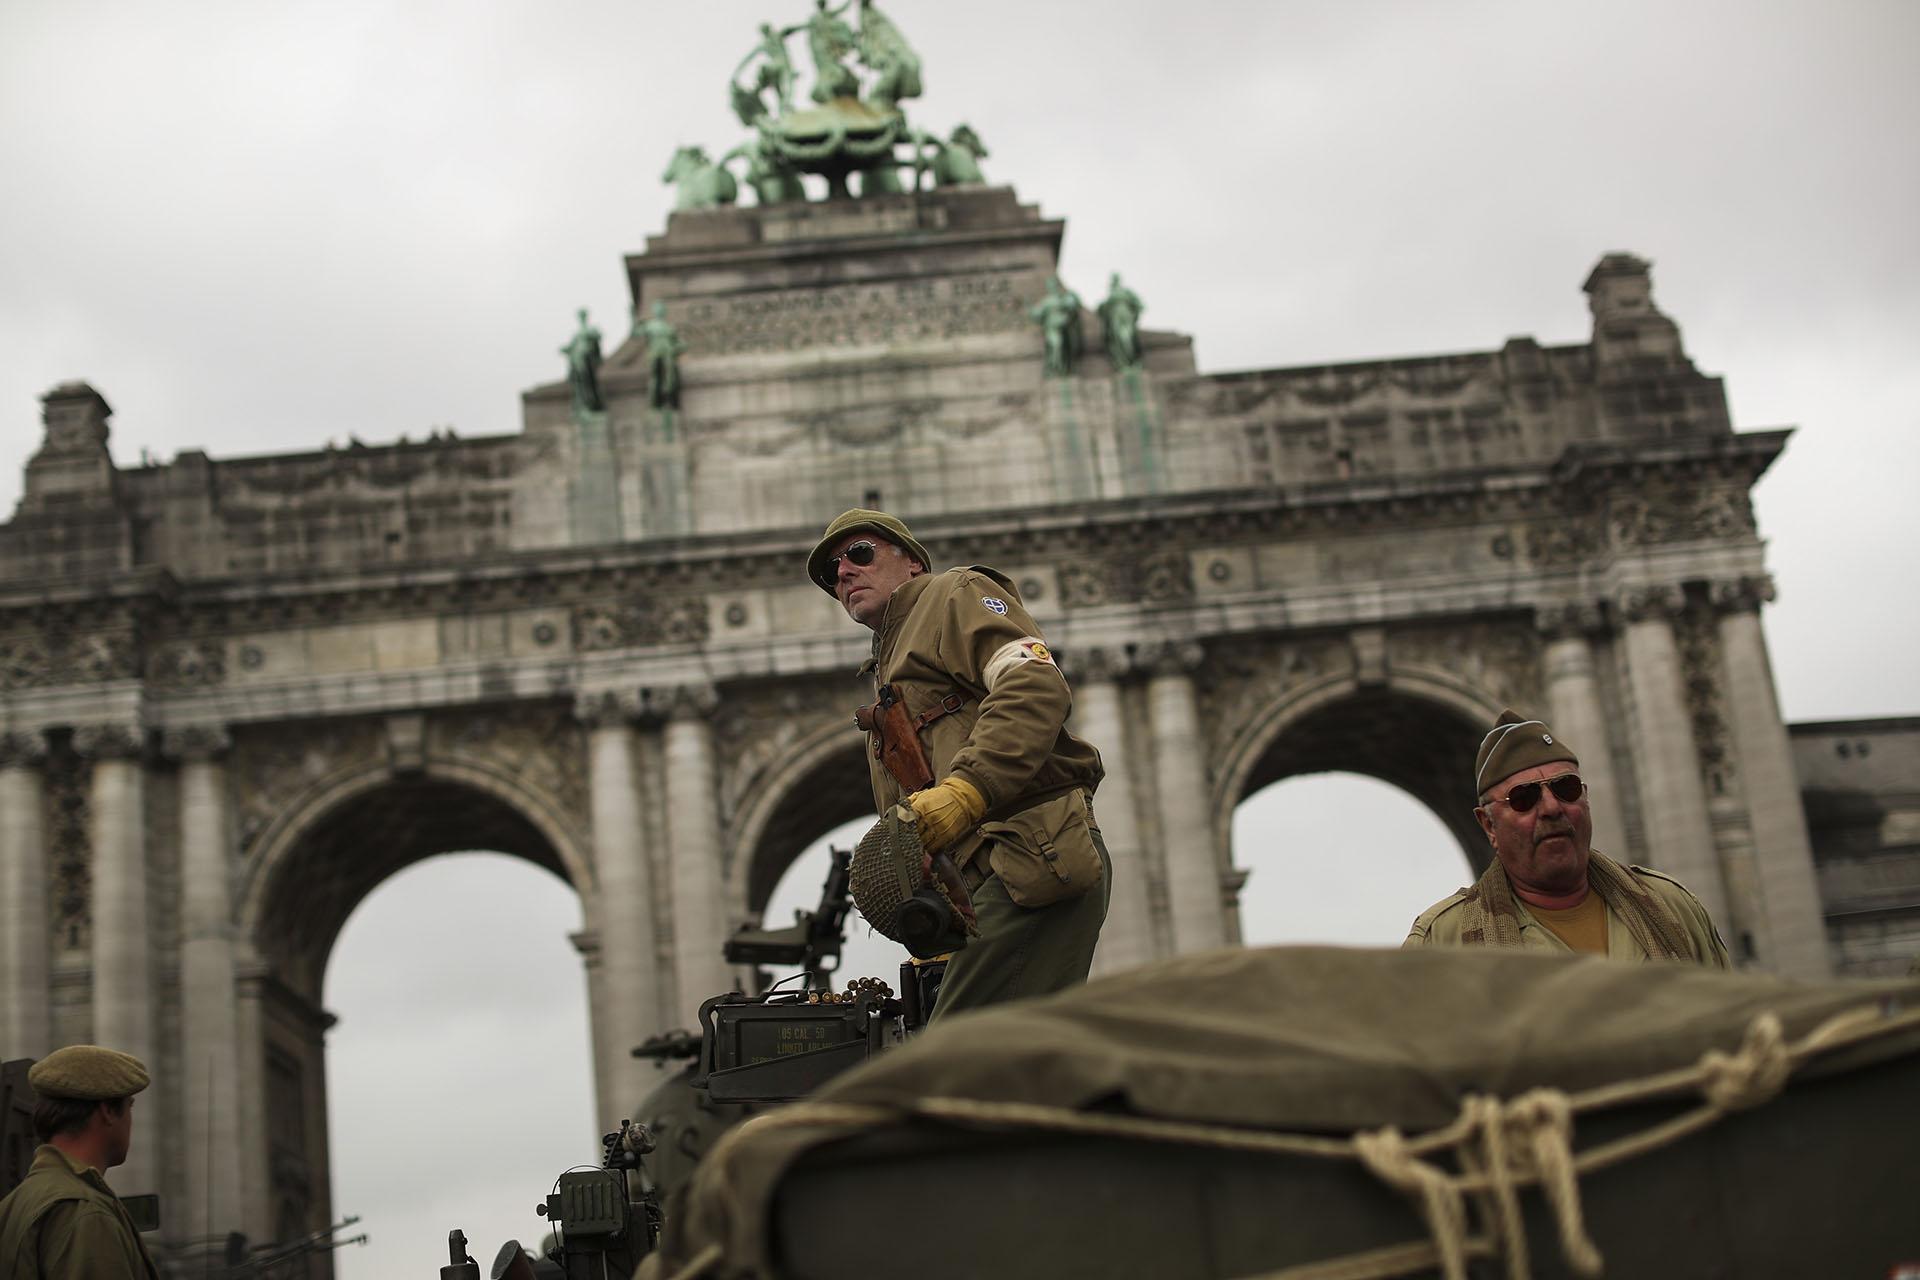 Vestidos con uniformes de combate, entusiastas de la Segunda Guerra arrivan al Parque del Cincuentenario en Bruselas. (AP Photo/Francisco Seco)